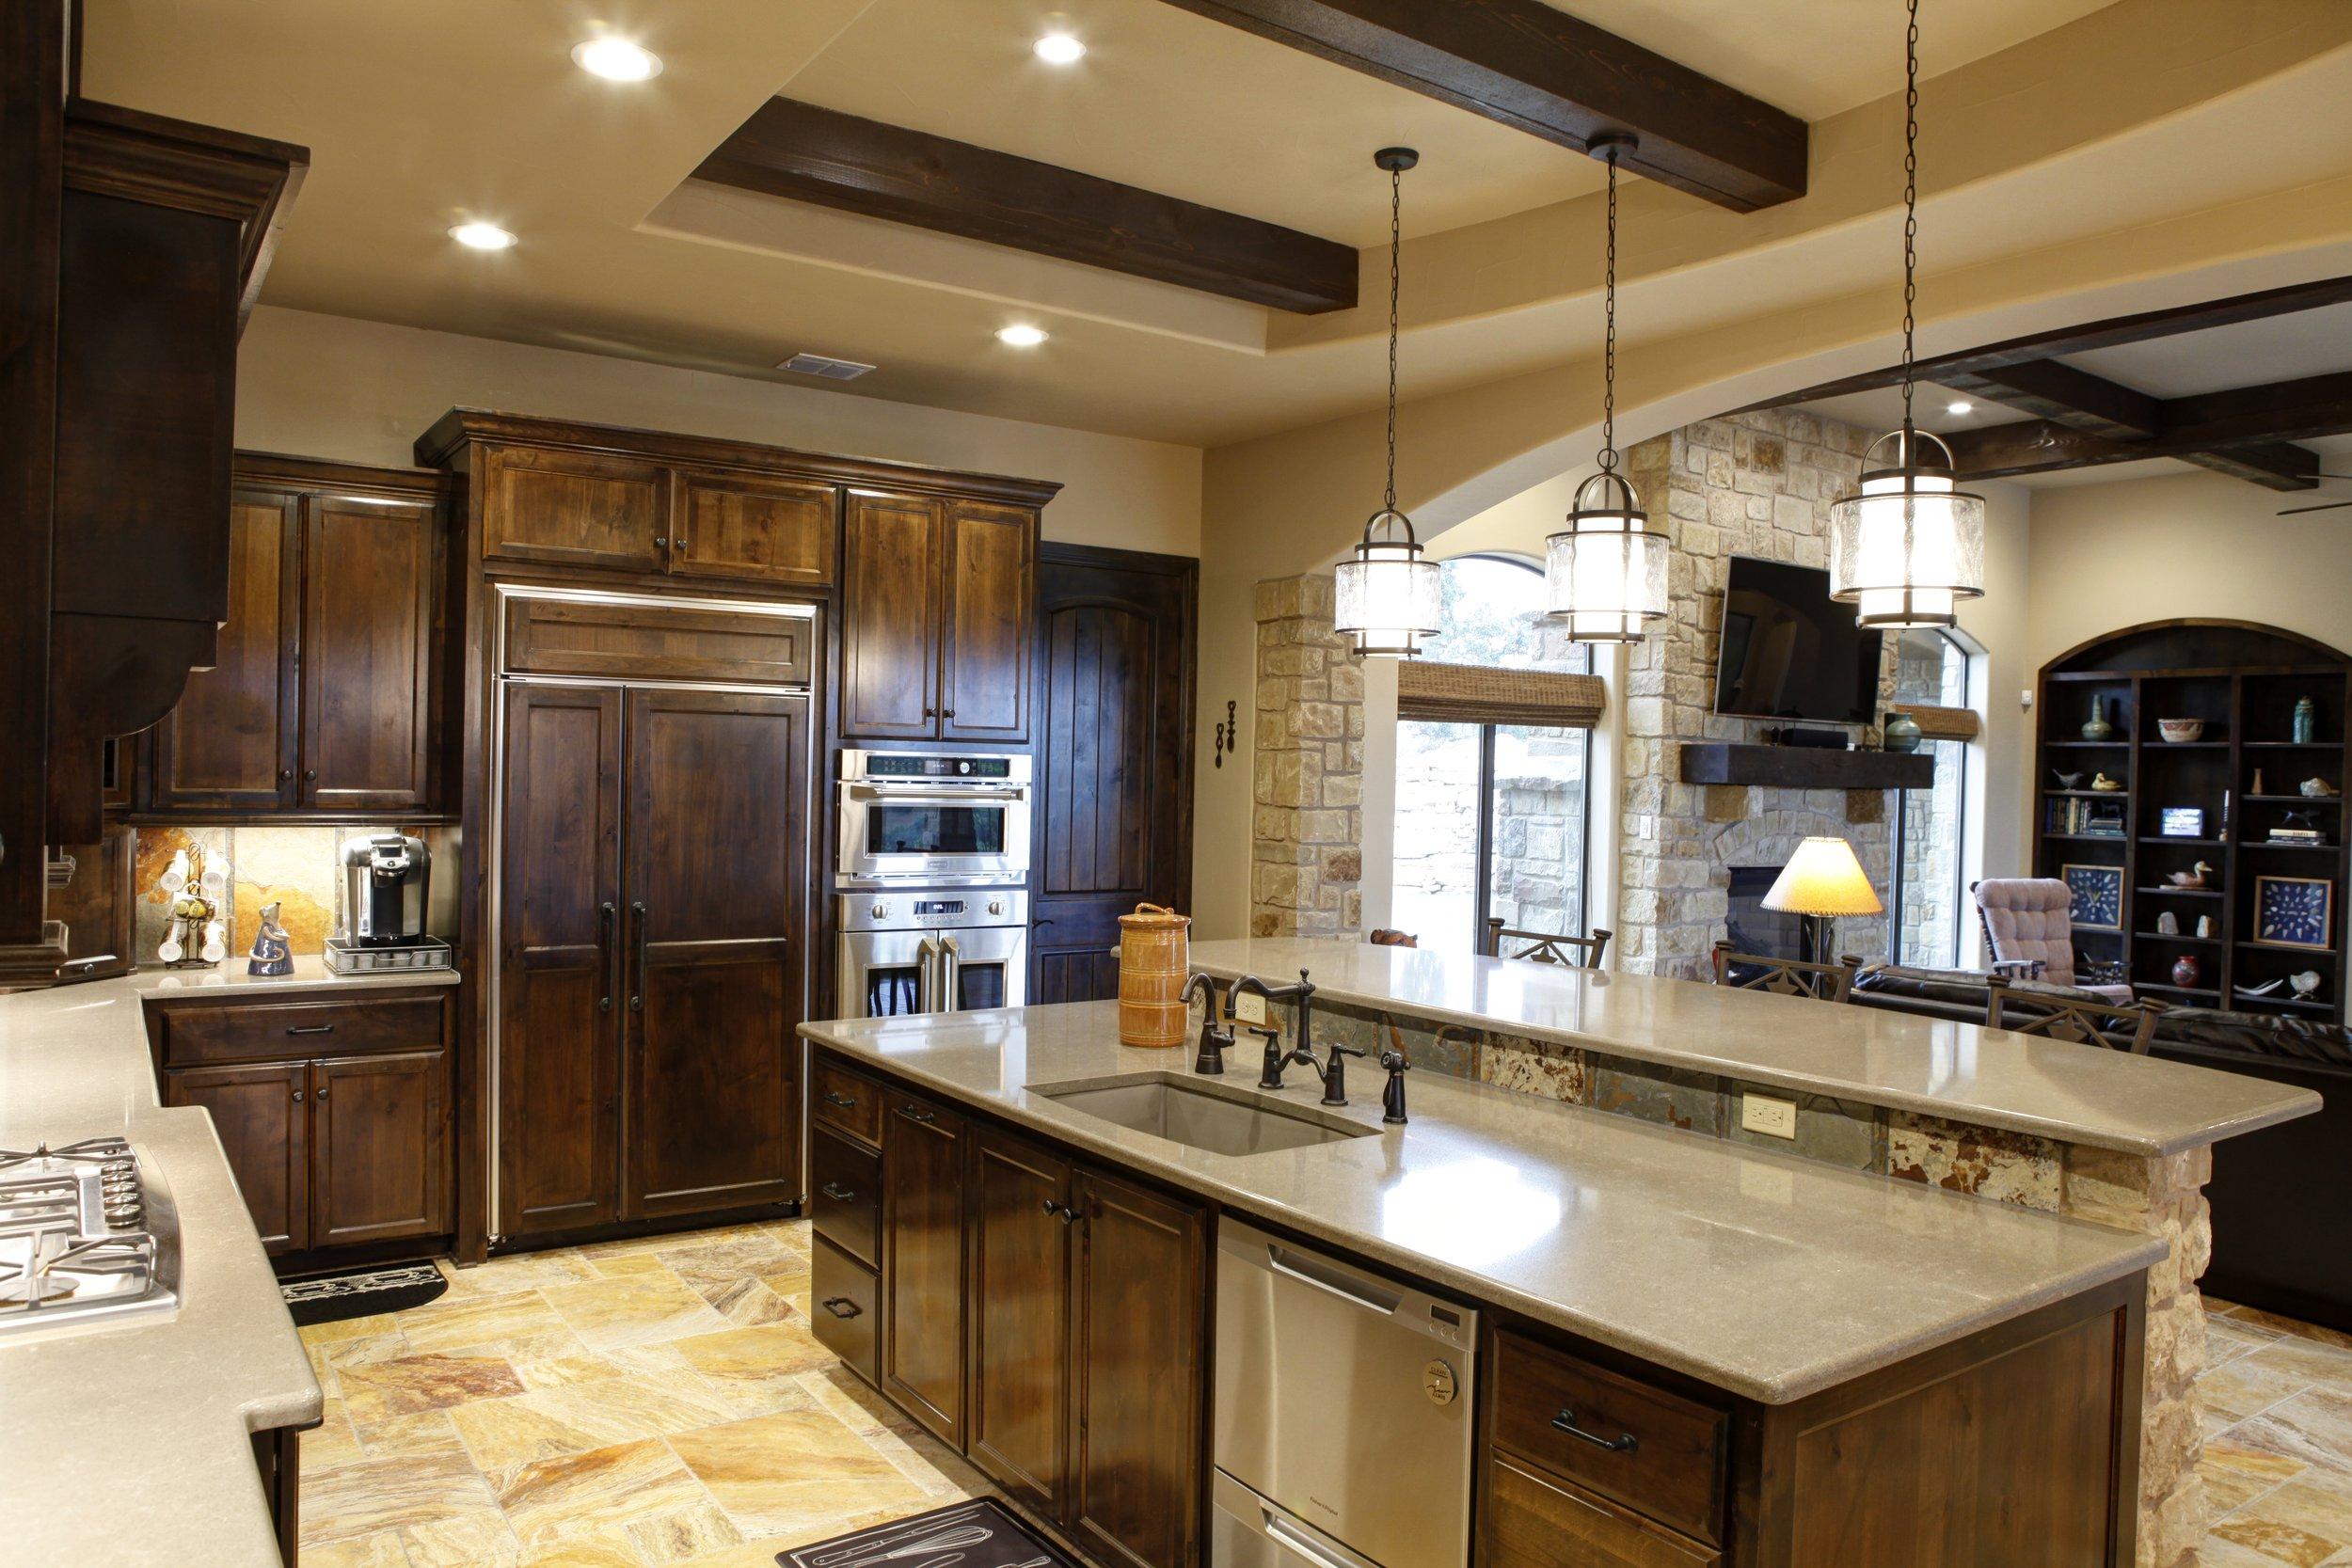 9-kitchen - 3.jpg